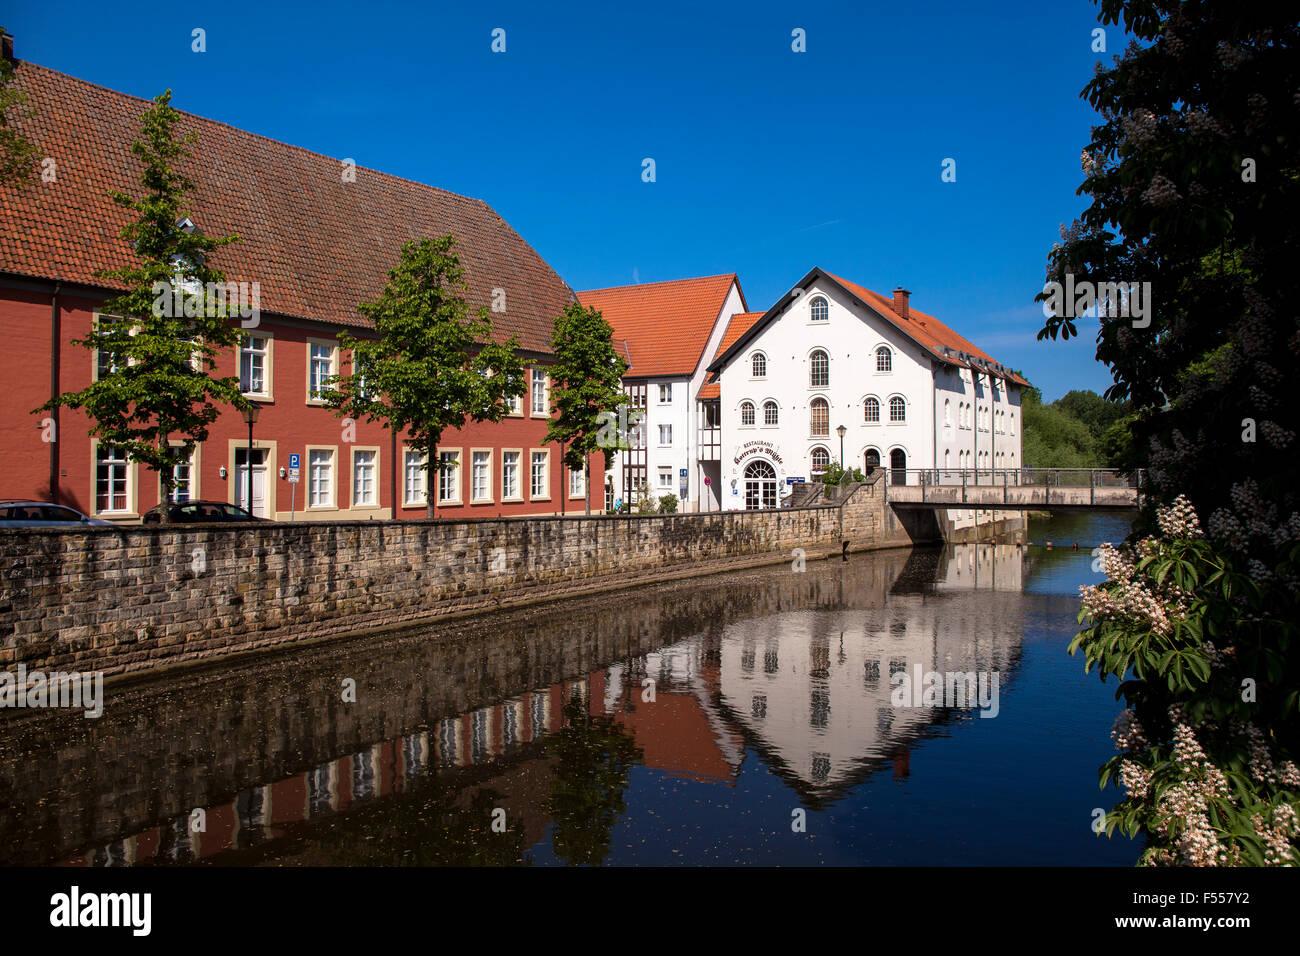 Europa, Deutschland, Nordrhein-Westfalen, Warendorf, Kottrup's Muehle an der Ems. - Stock Image